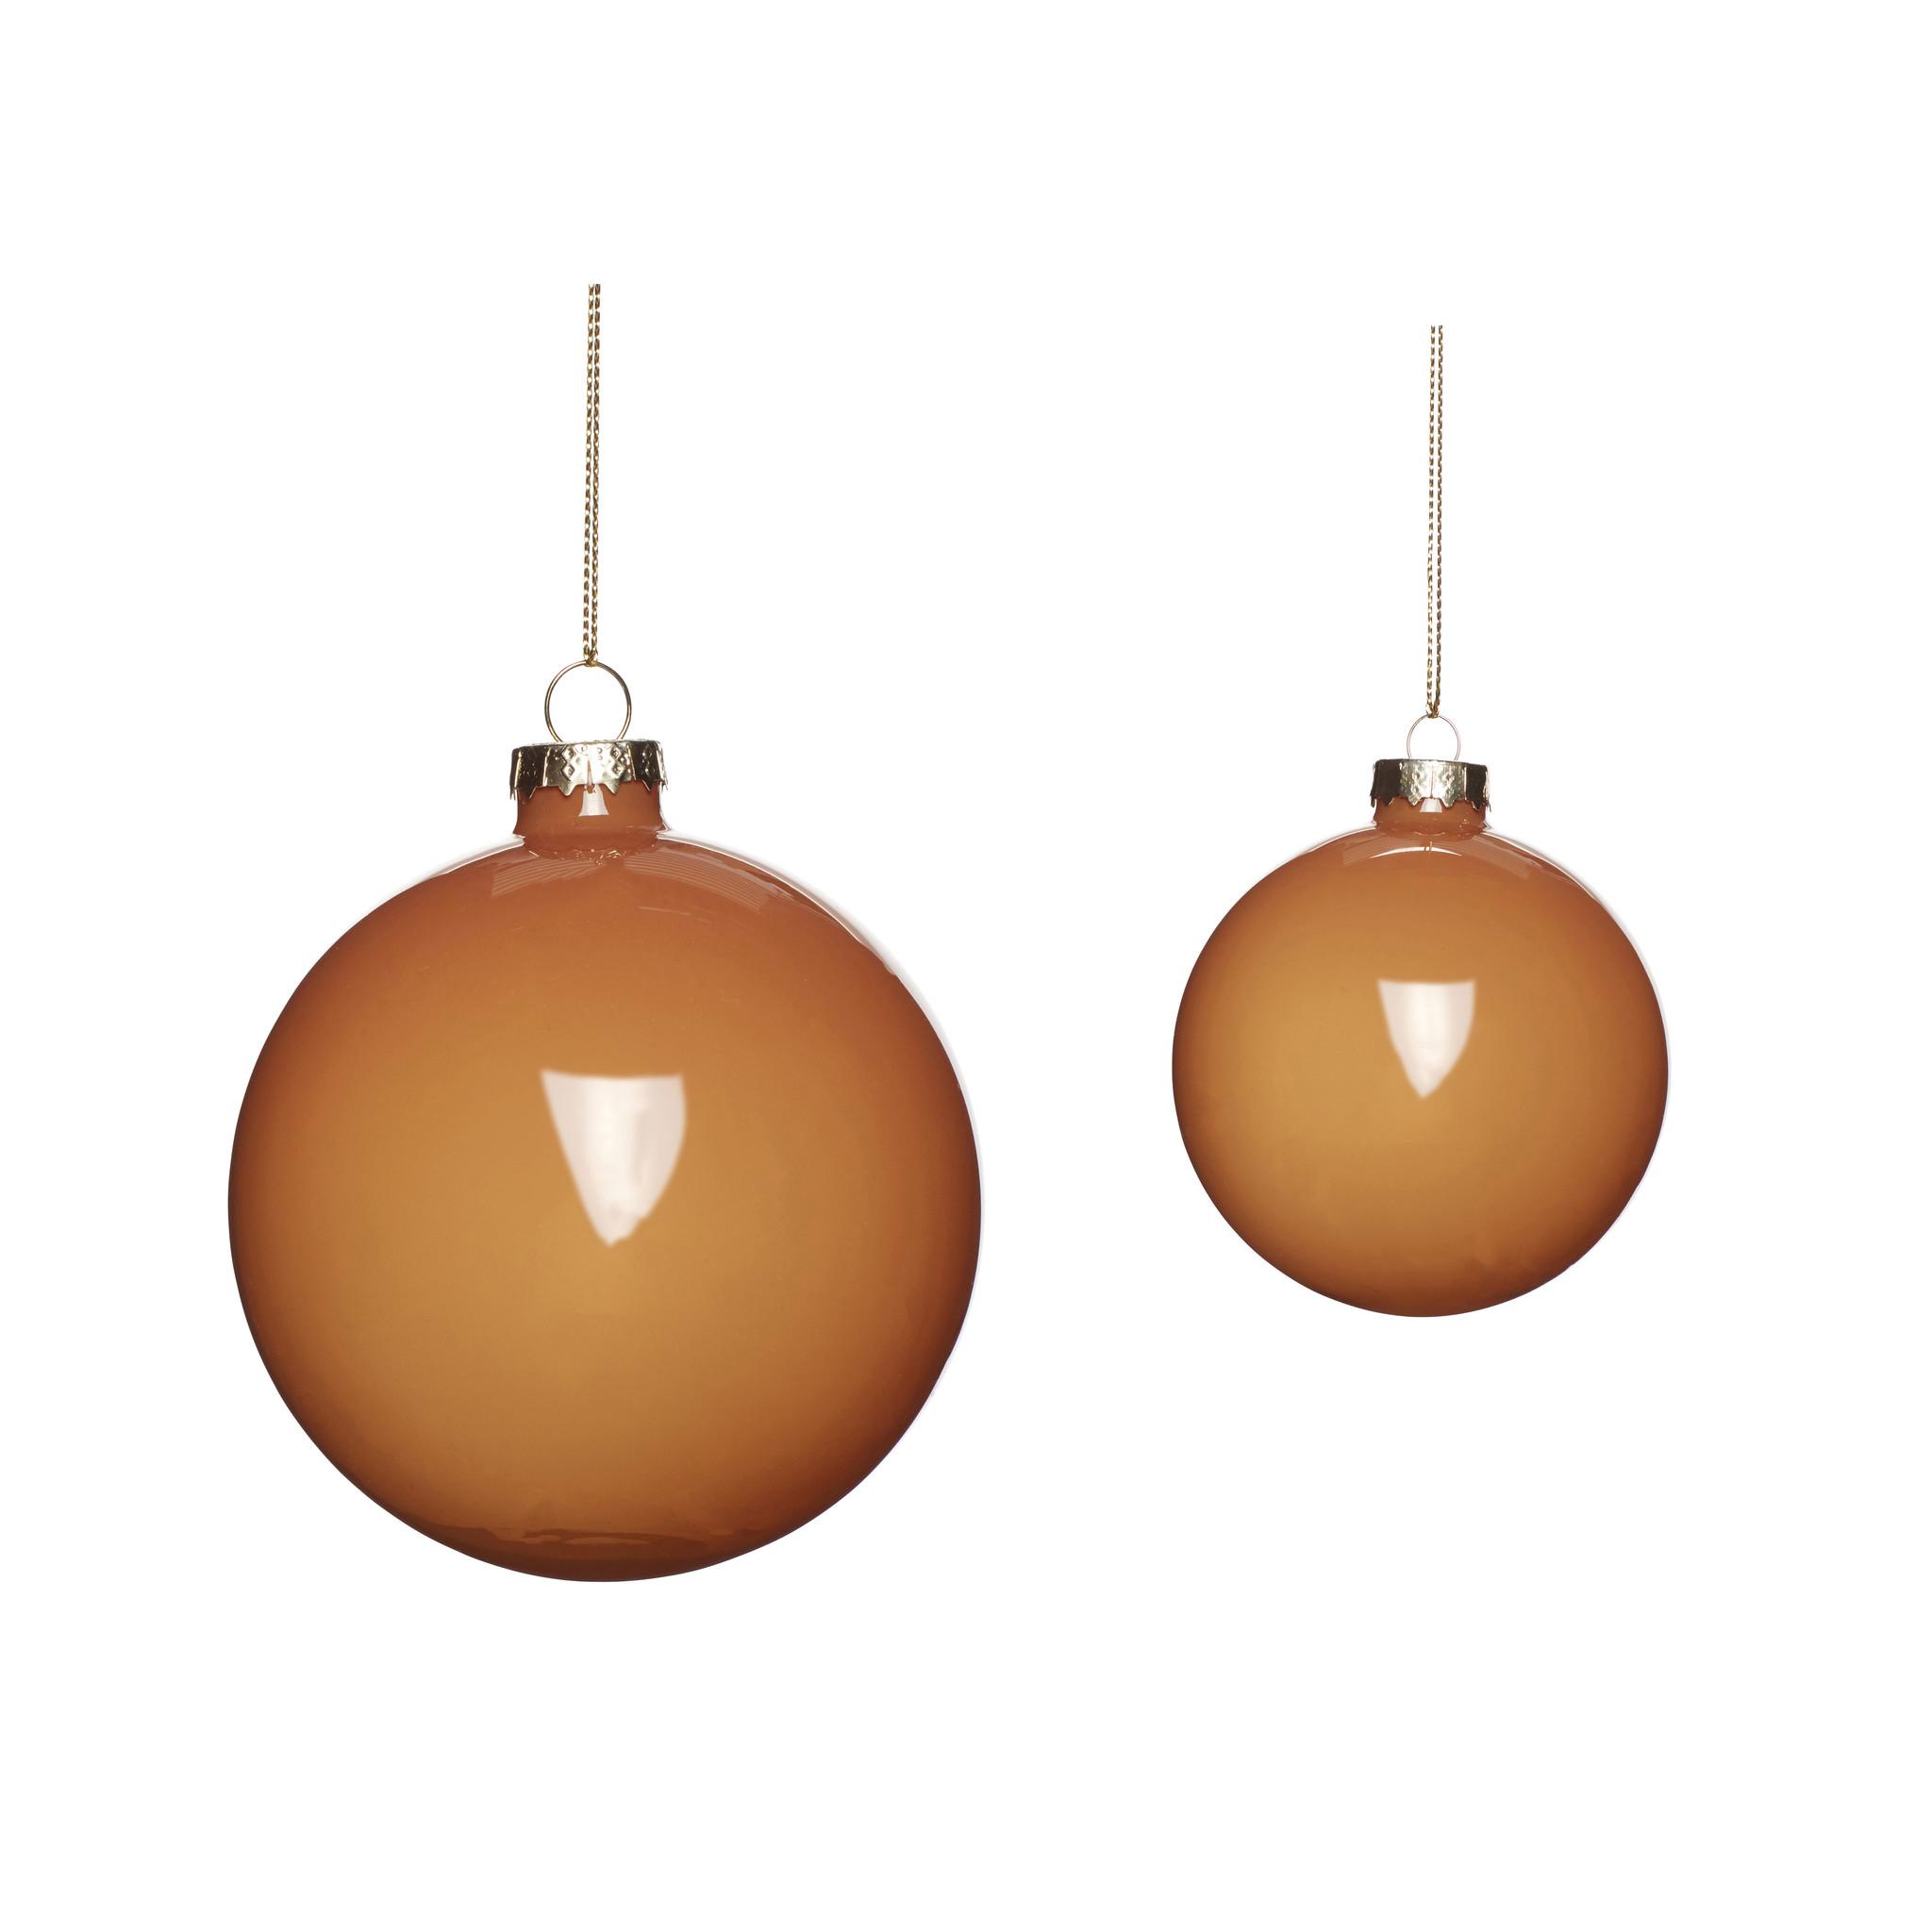 Hubsch Kerstbal, glas, barnsteen, set van 2-640918-5712772071496